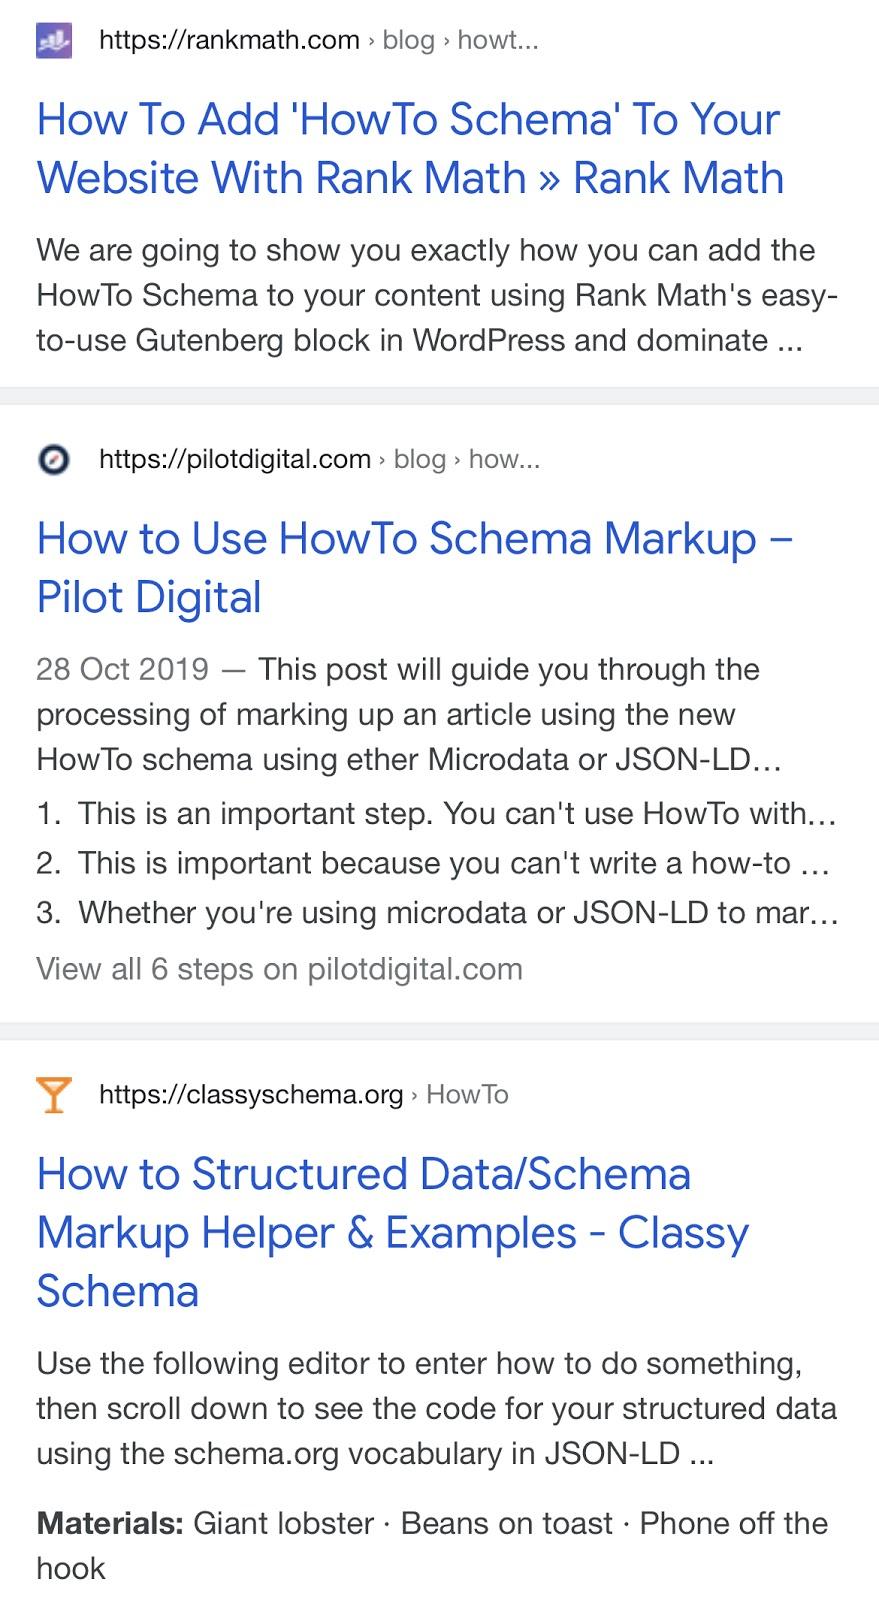 Manual SERP Analysis